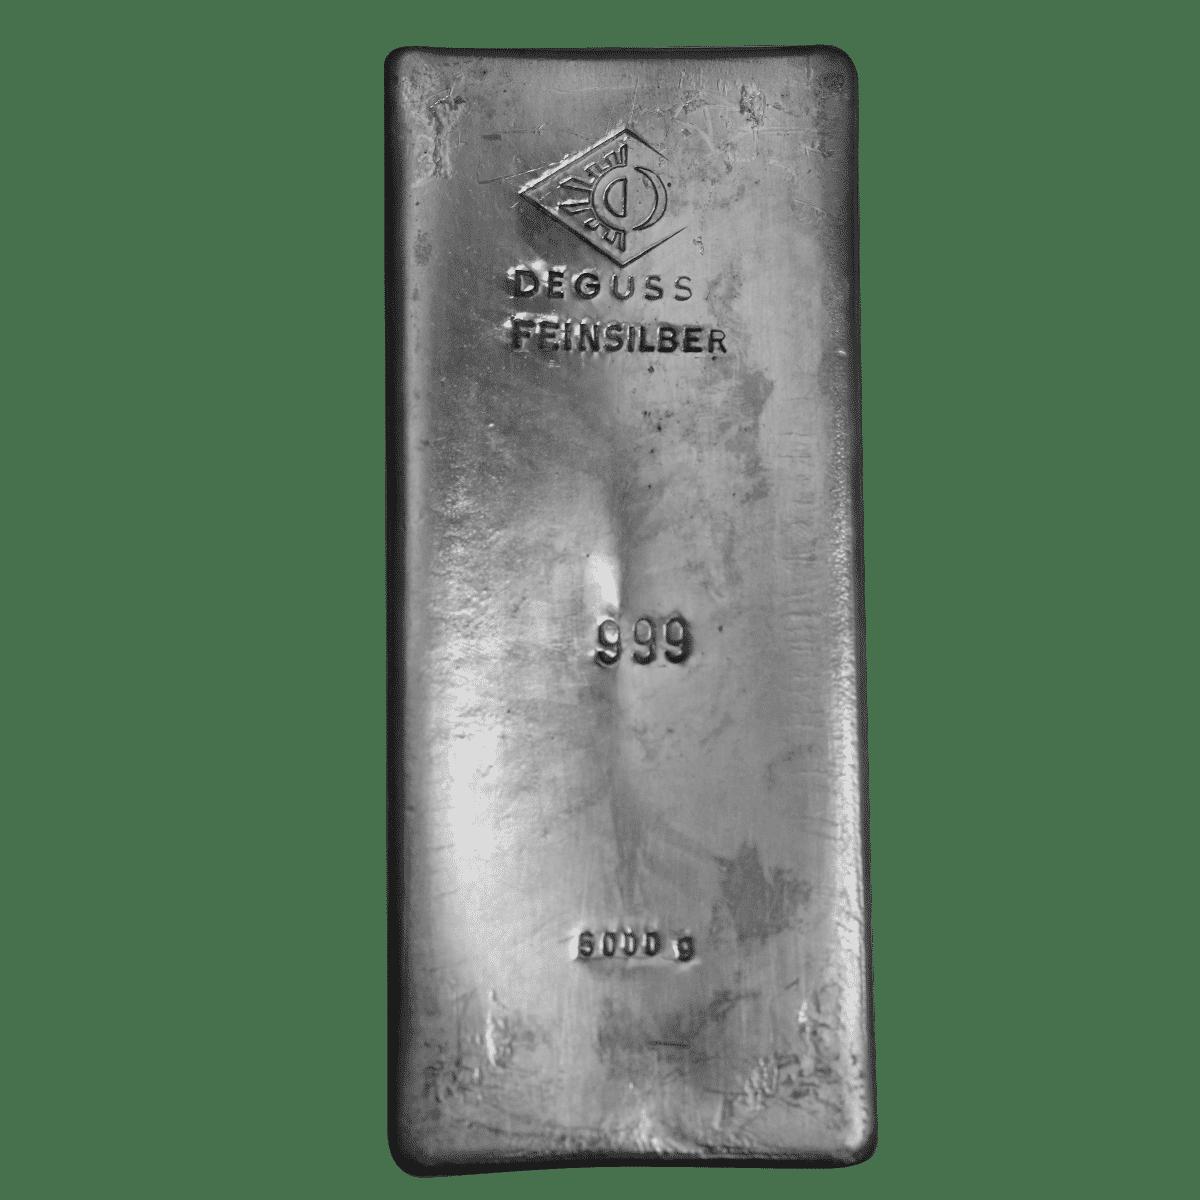 5000g Silberbarren Detailansicht